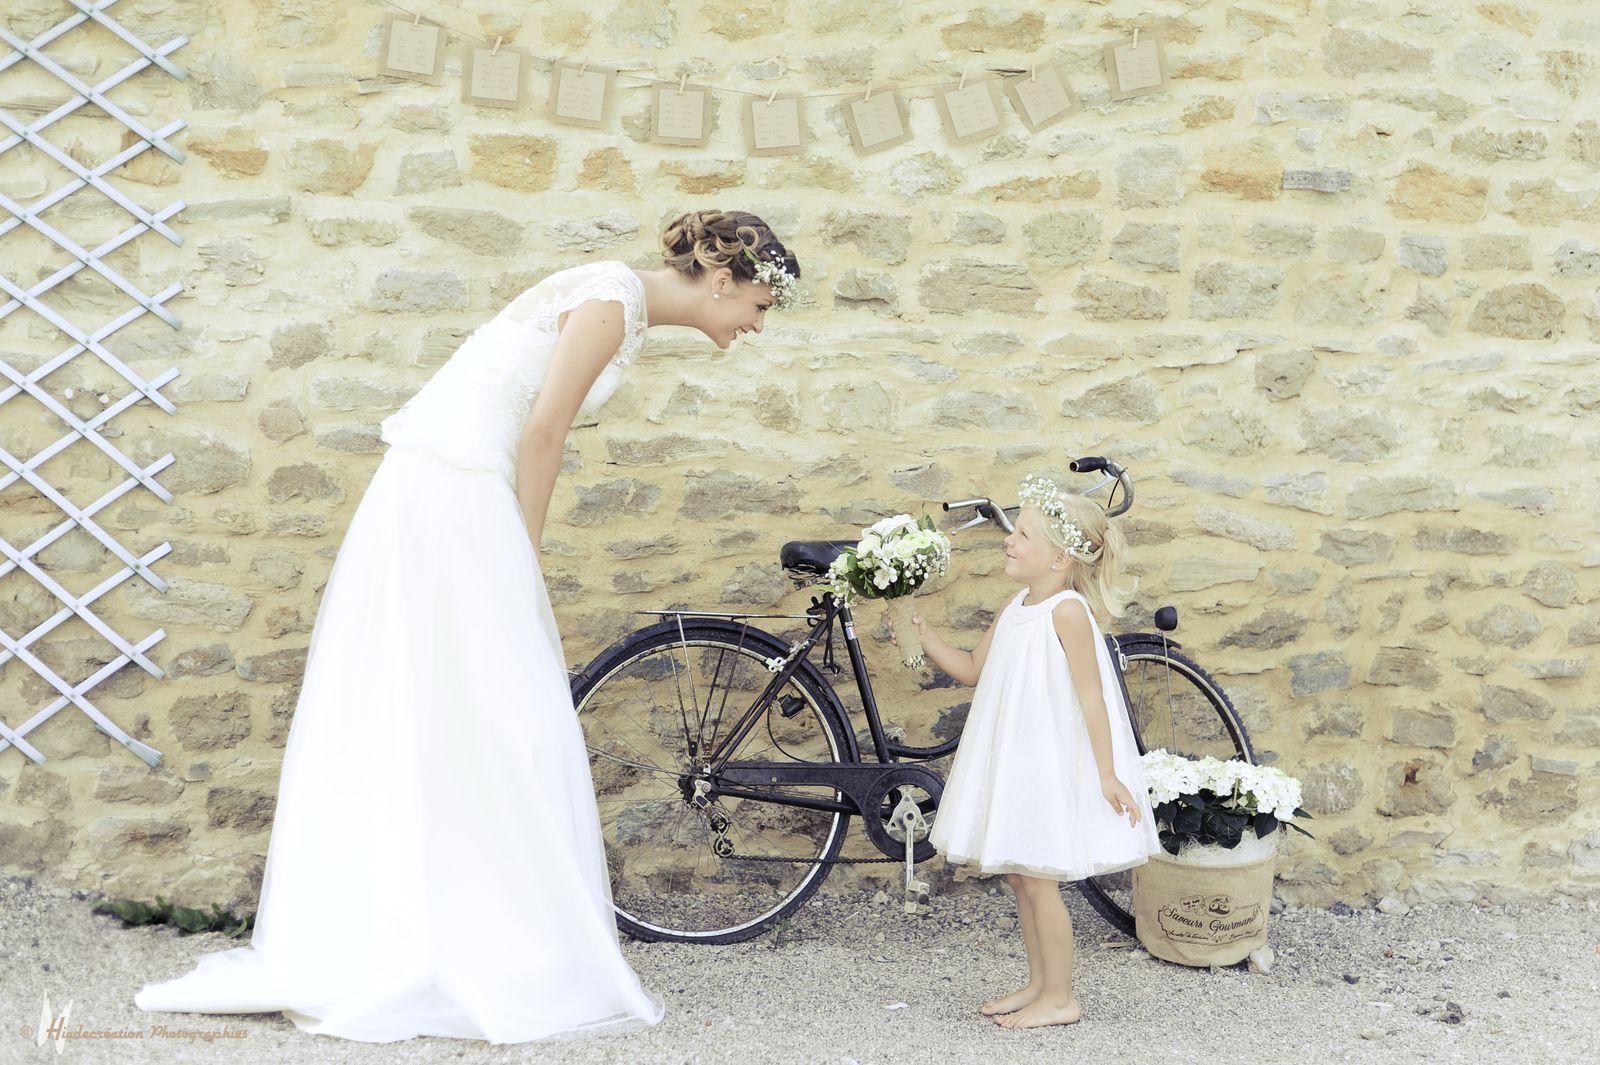 Le shooting avec Amandine (la mariée) Mélie ,Isaure Mahault & Charlie .